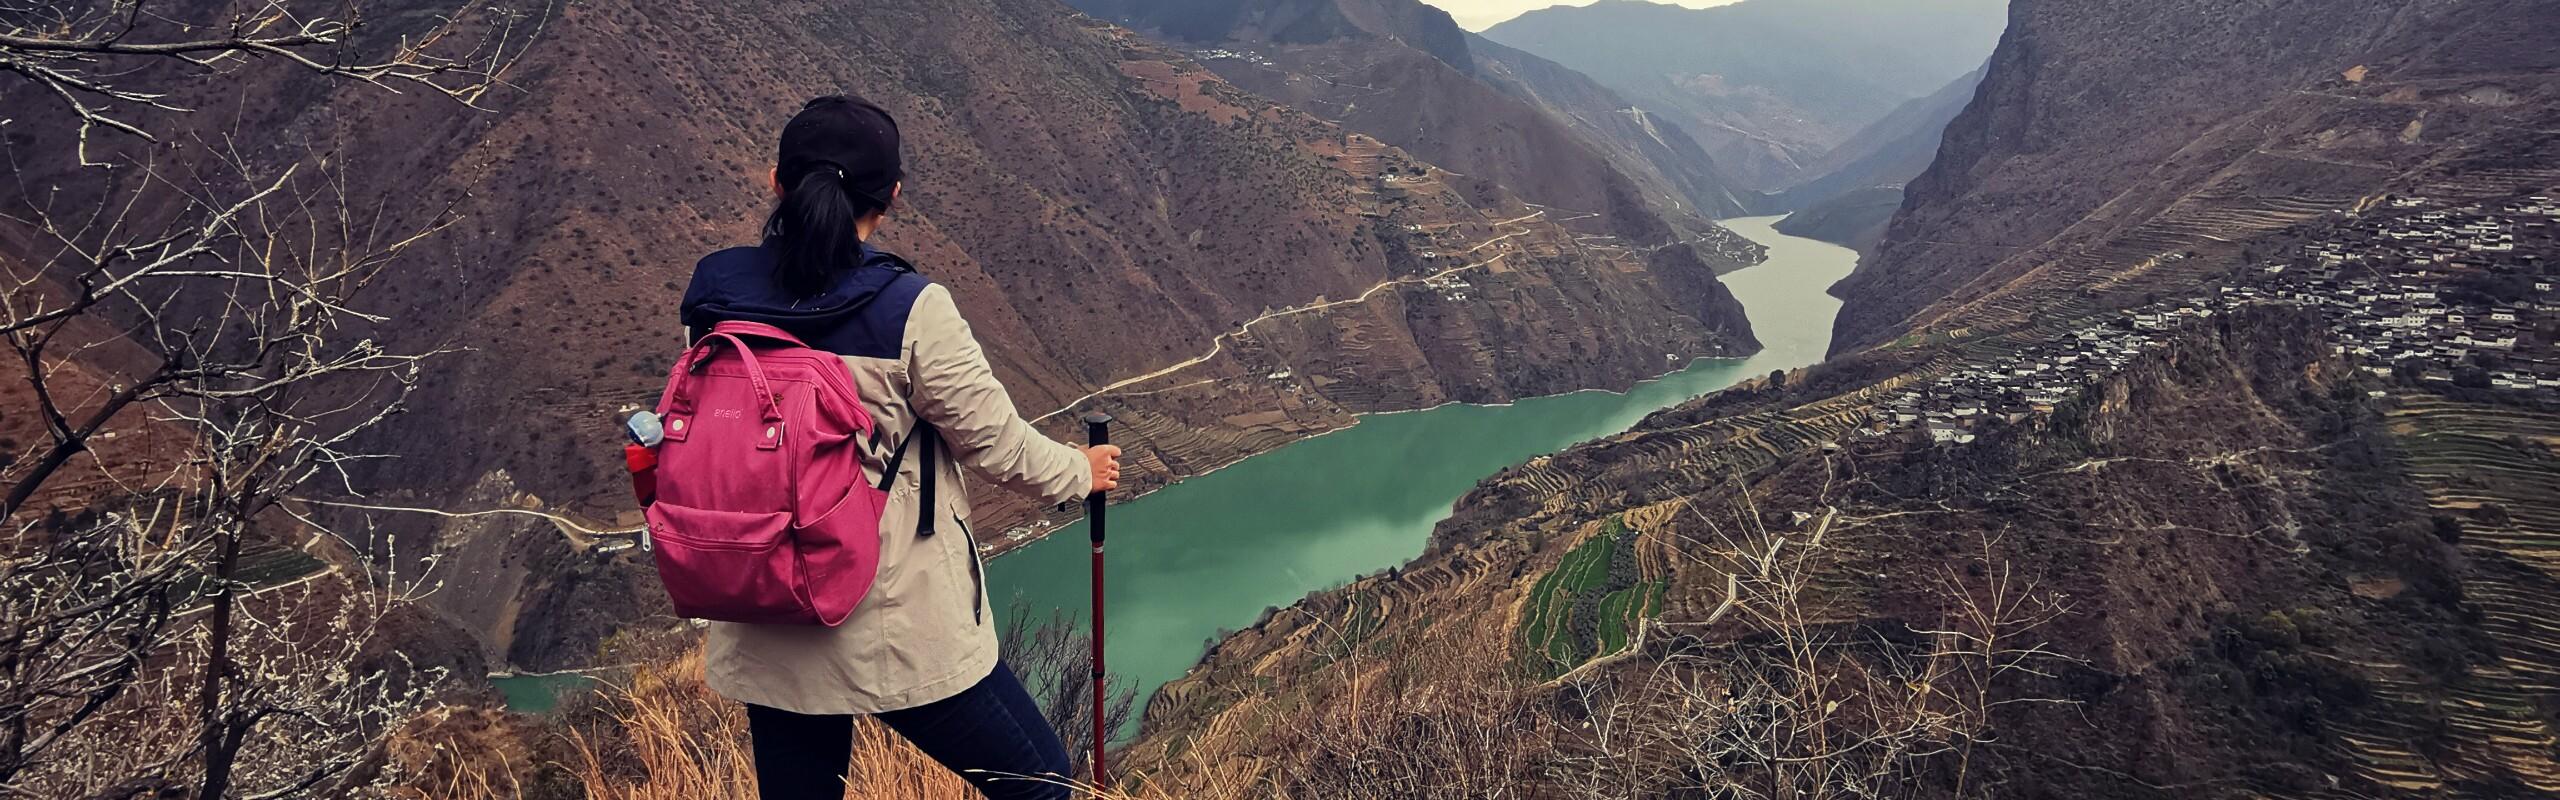 China Hiking